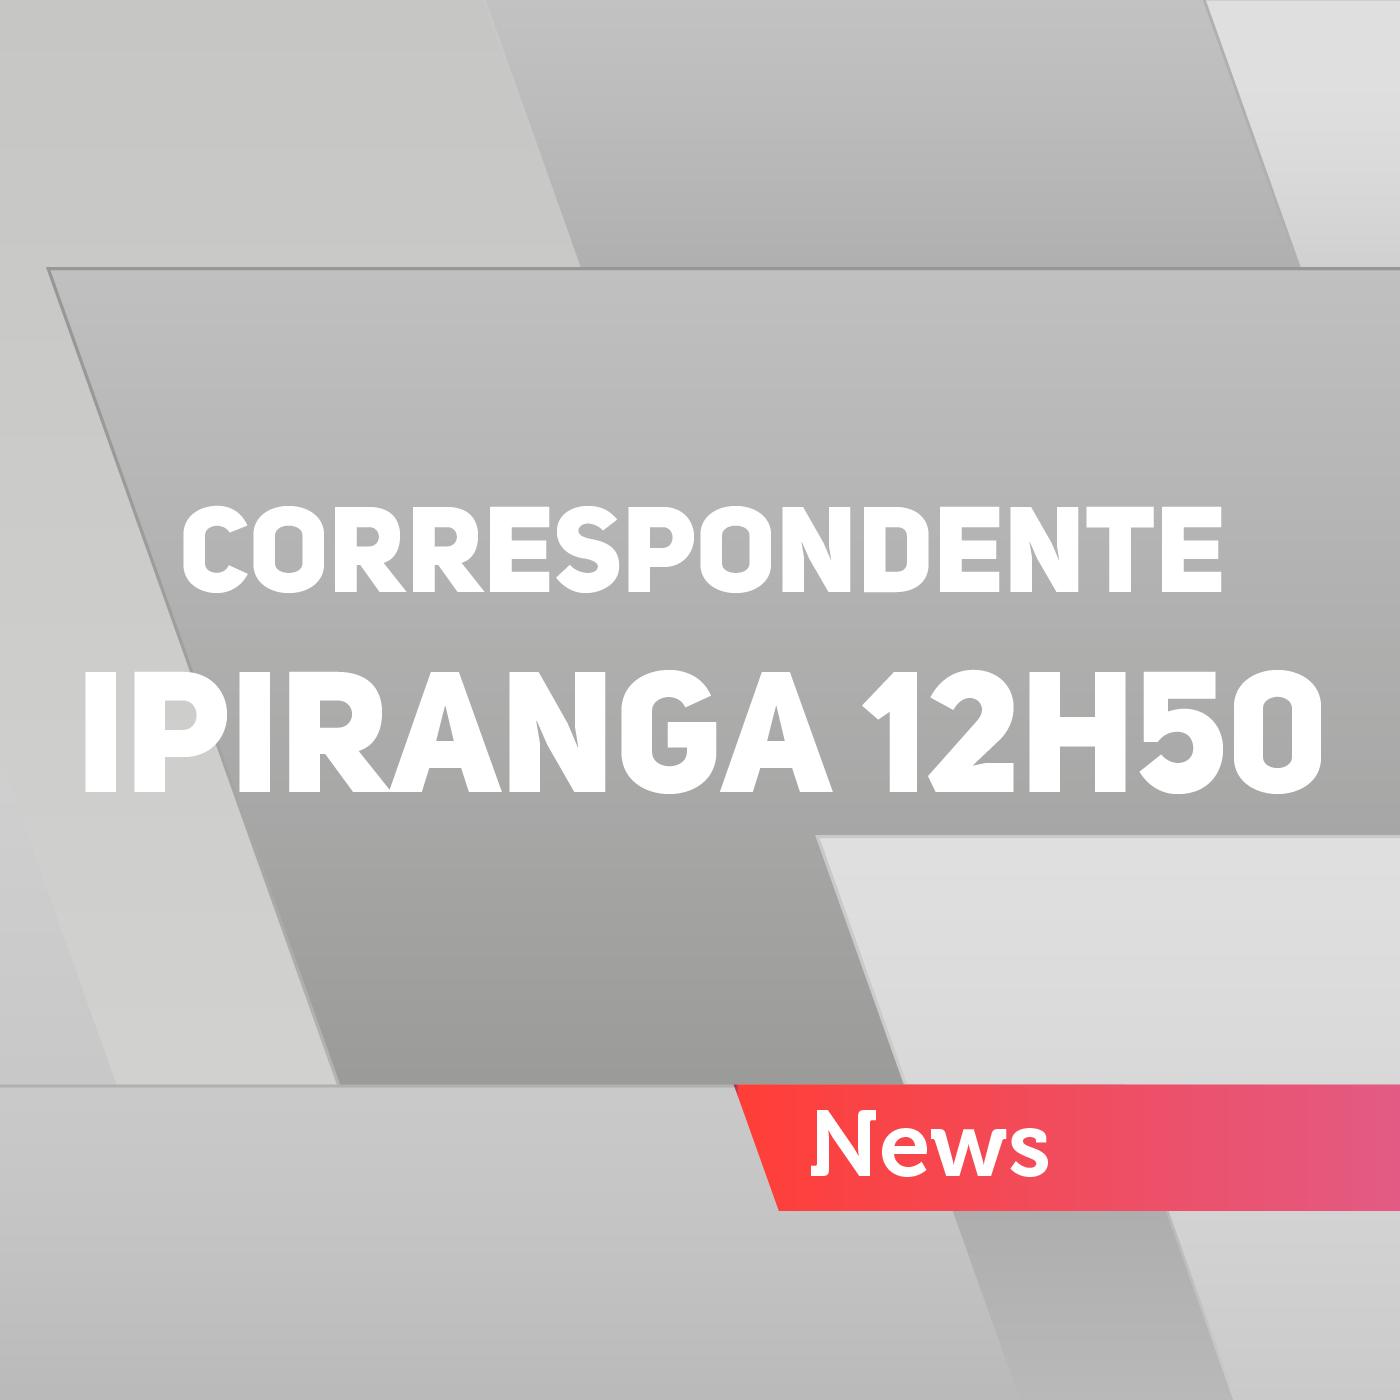 Correspondente Ipiranga 12h50 – 26/09/2017